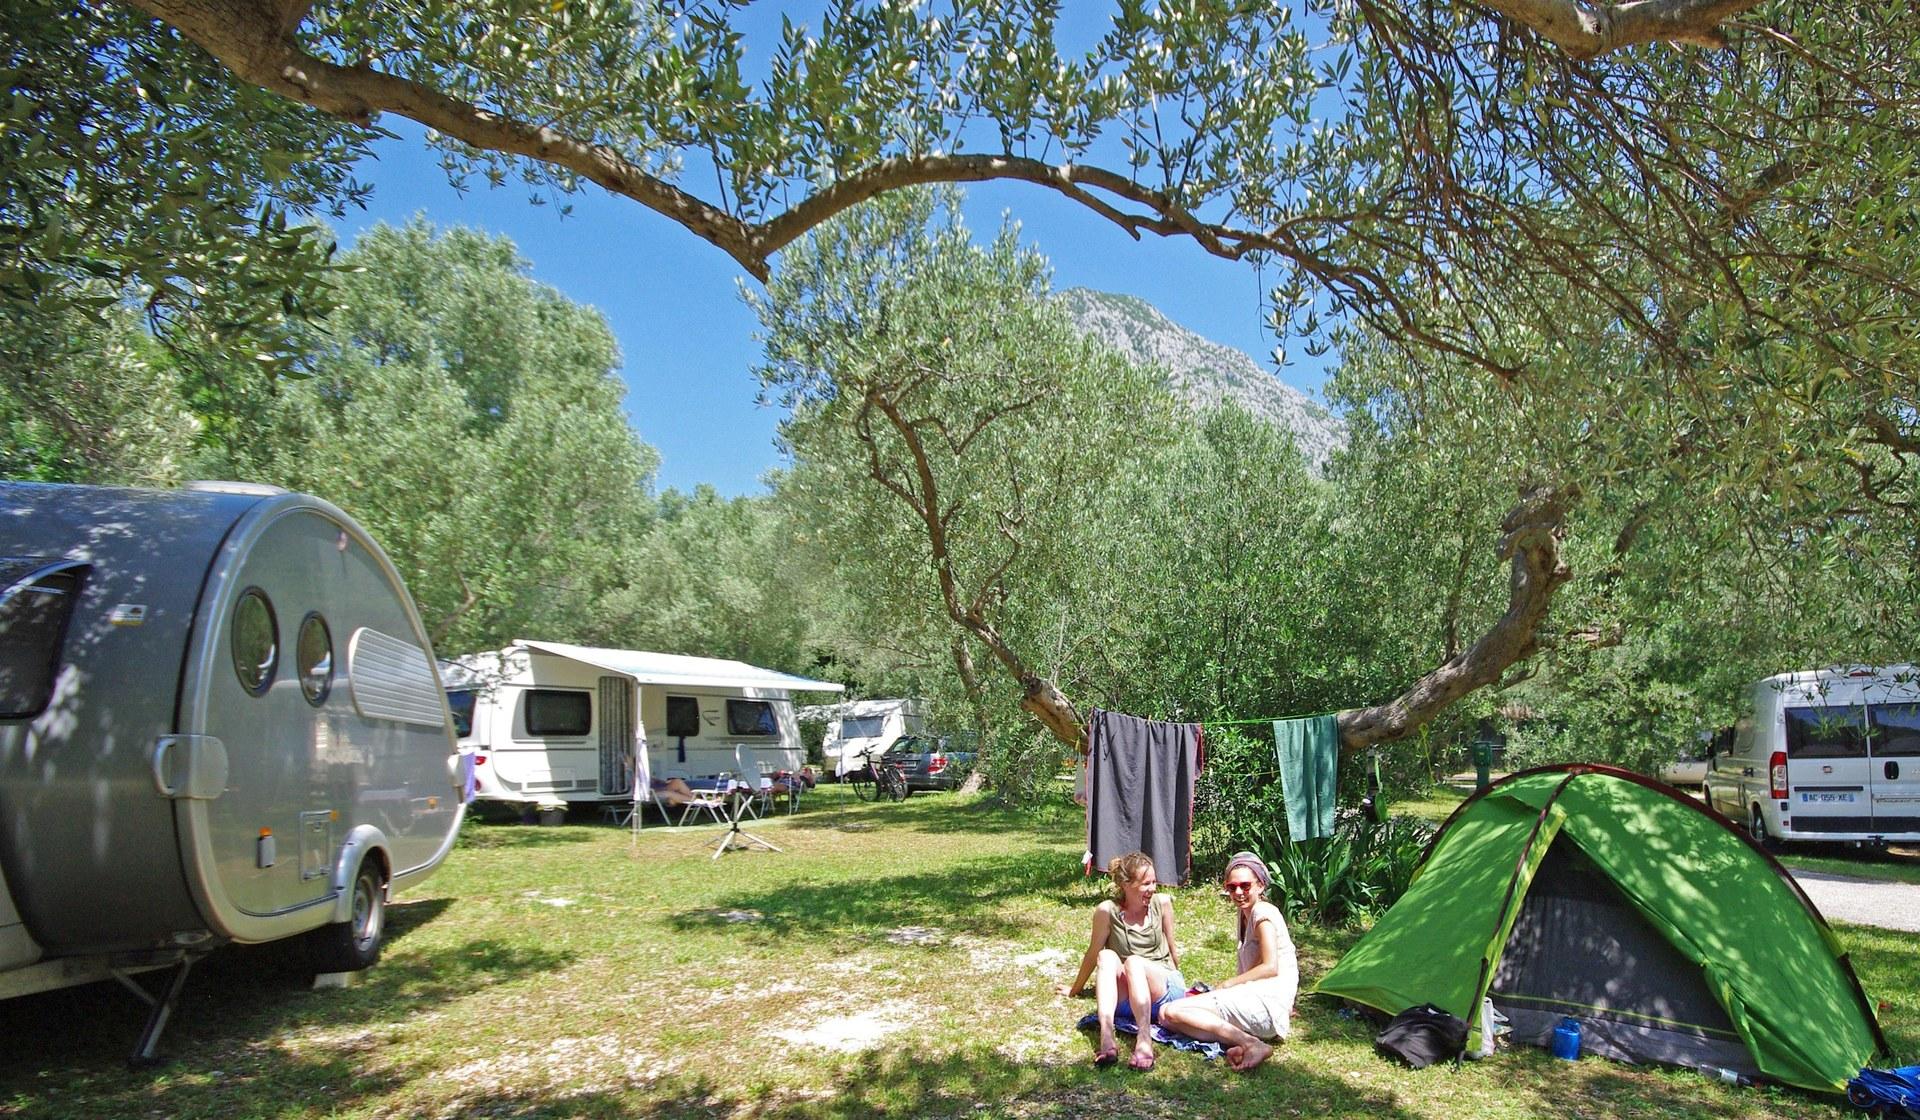 Camp Viter